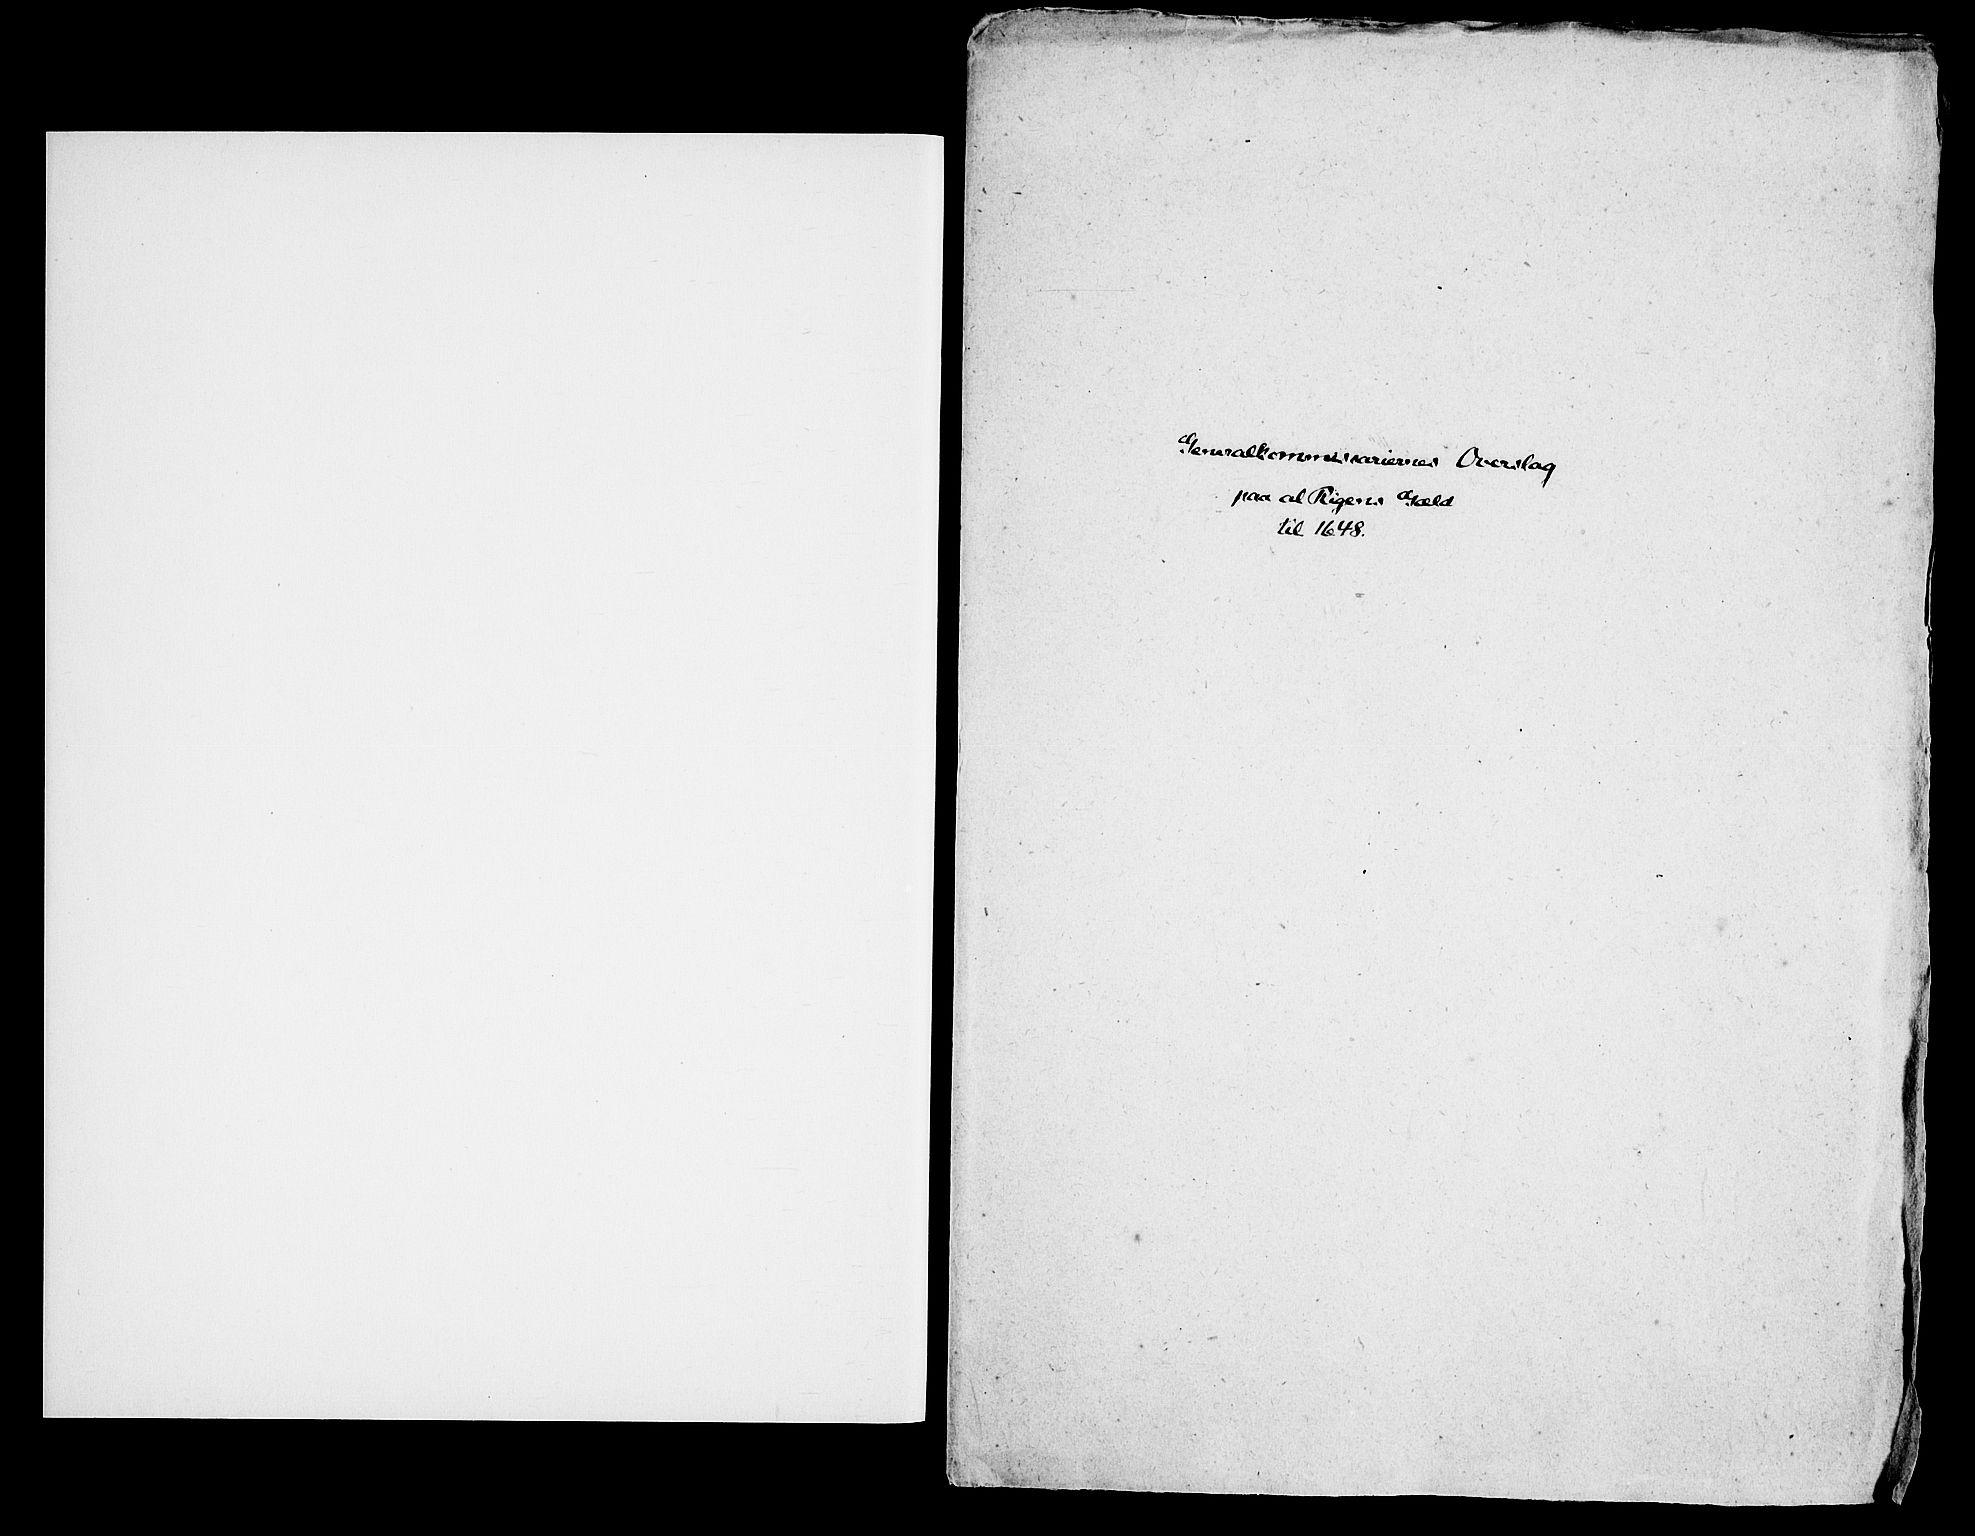 RA, Danske Kanselli, Skapsaker, G/L0019: Tillegg til skapsakene, 1616-1753, p. 115